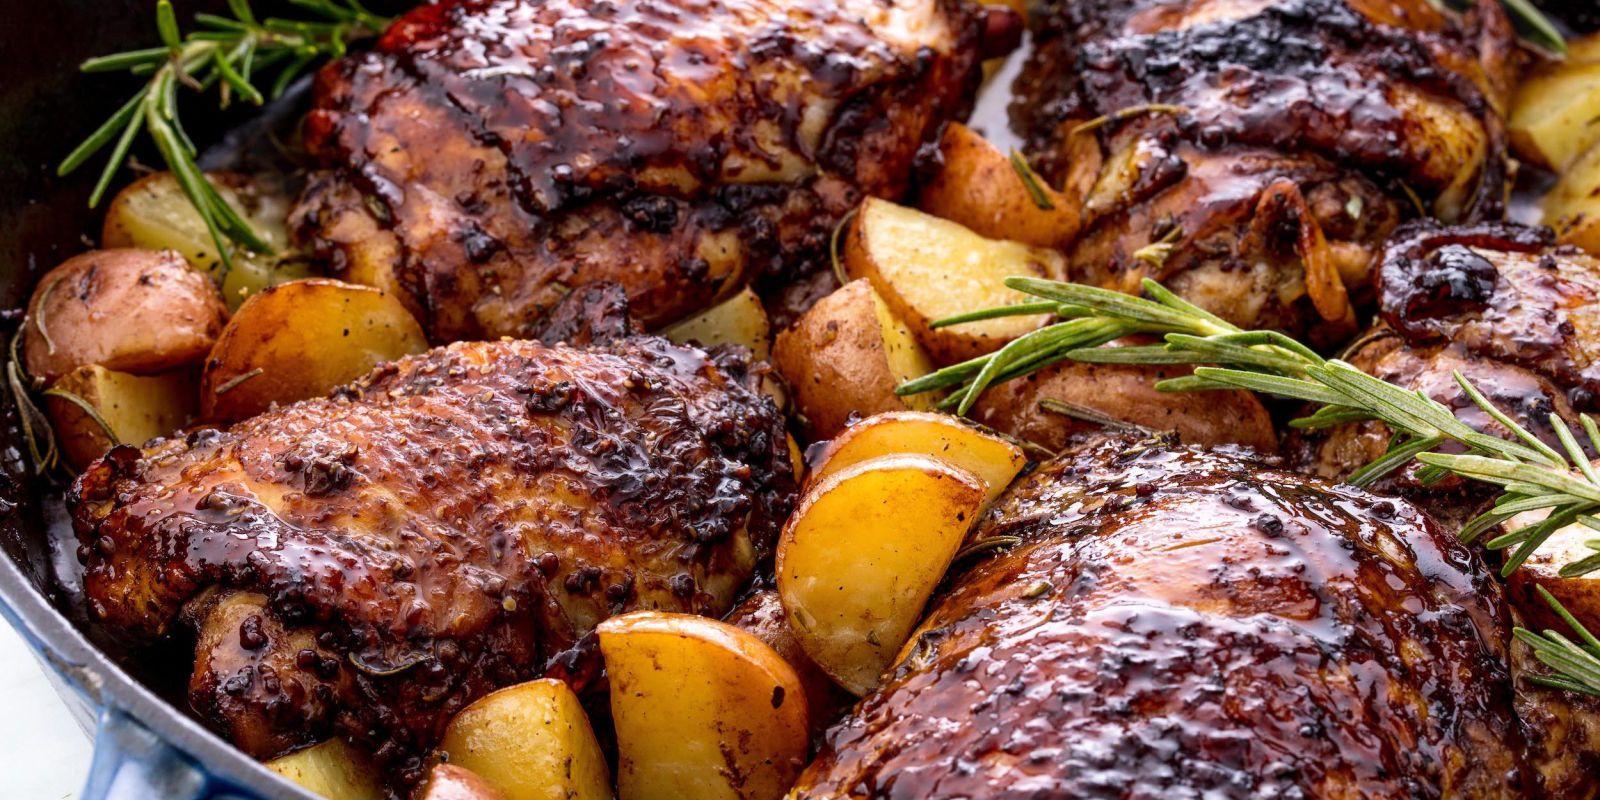 Balsamic Glazed Chicken